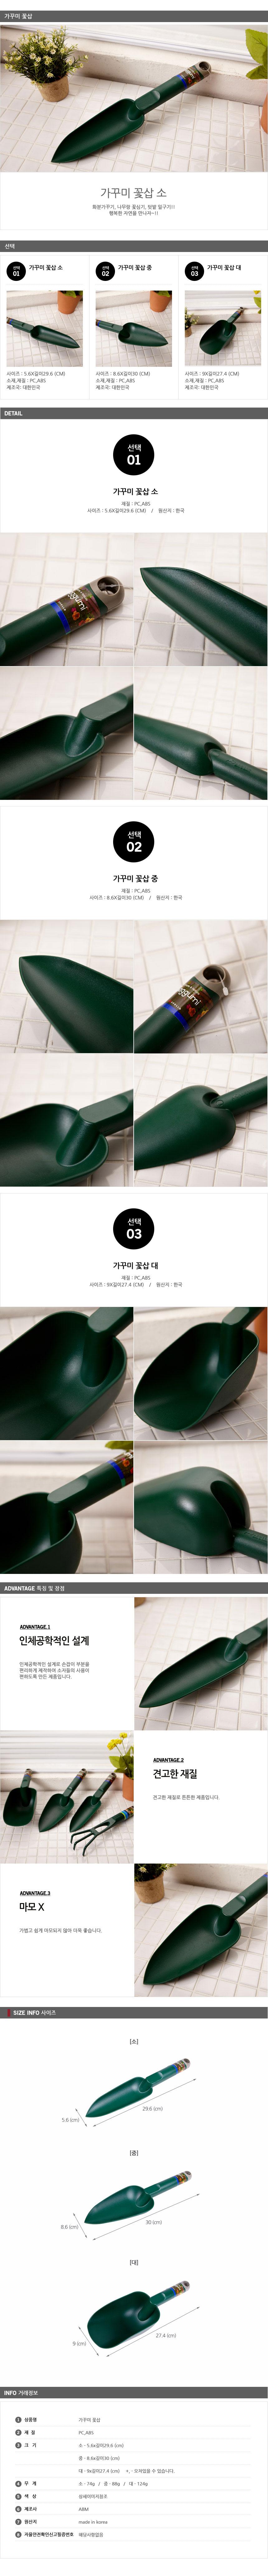 베하.가꾸미 꽃삽 (대)/이식삽/원예용품/텃밭/모종삽